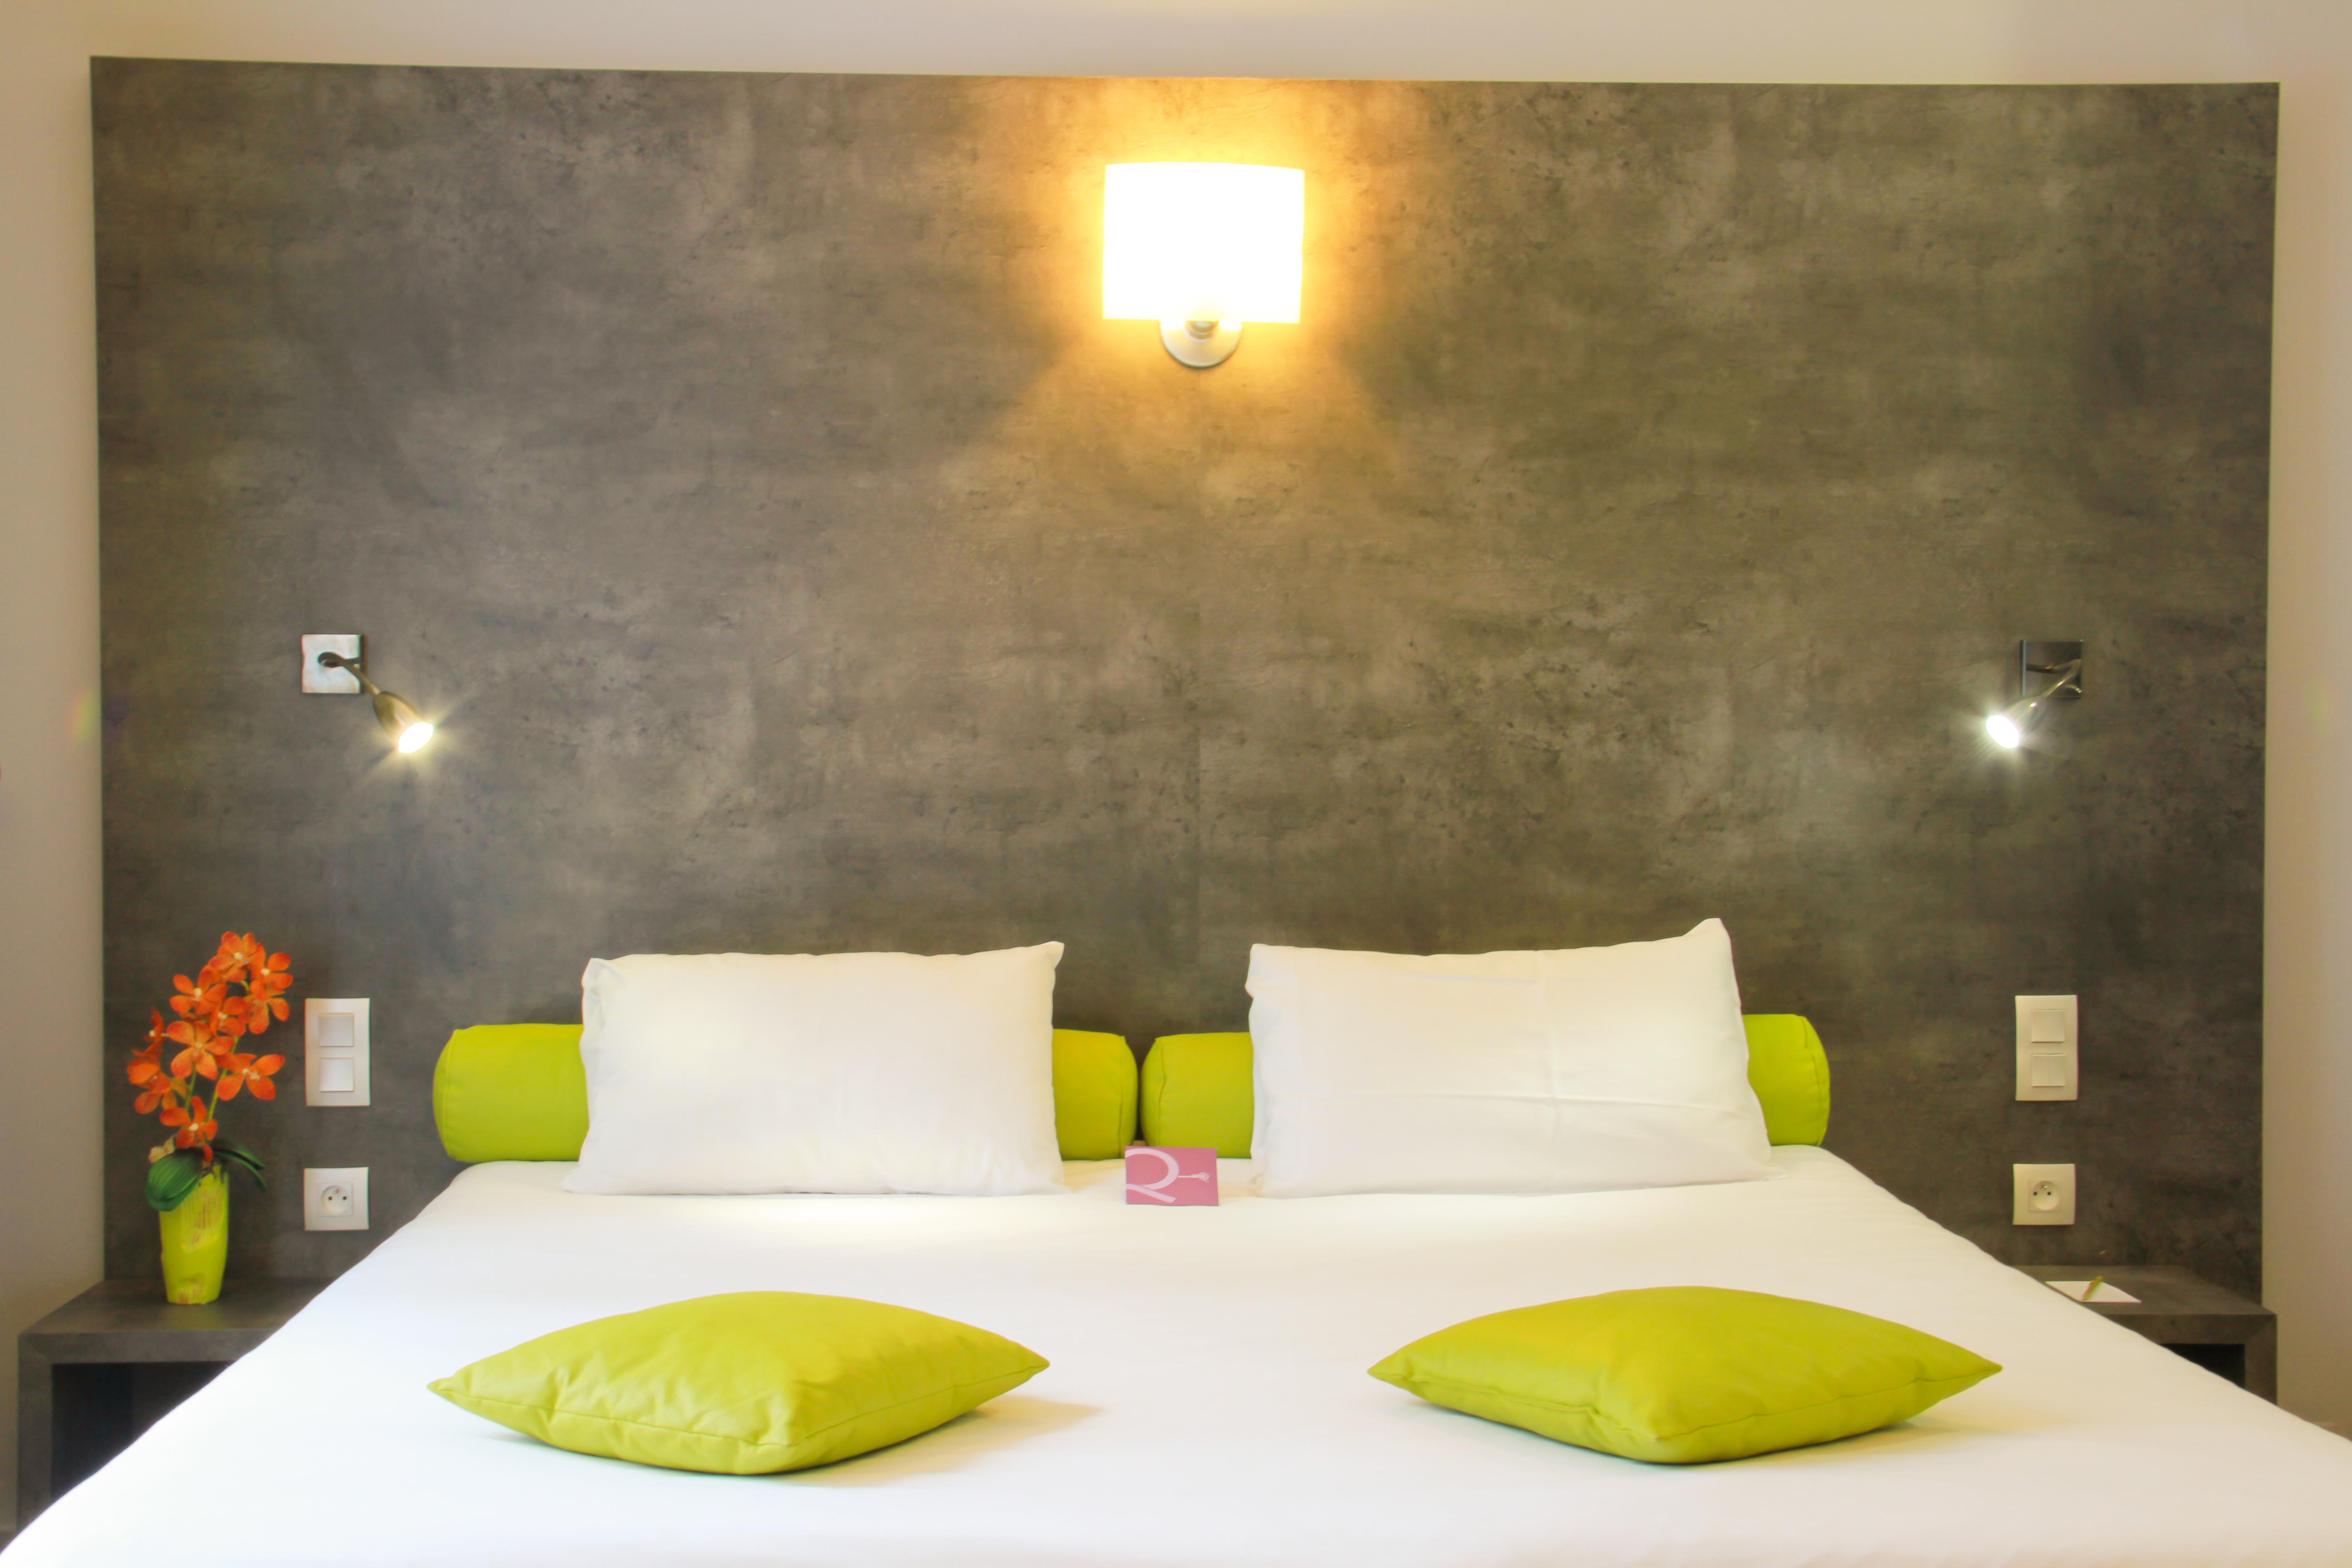 Chambre d h tel avec wifi gratuit h tel mercure les for Chambre d hotel nice